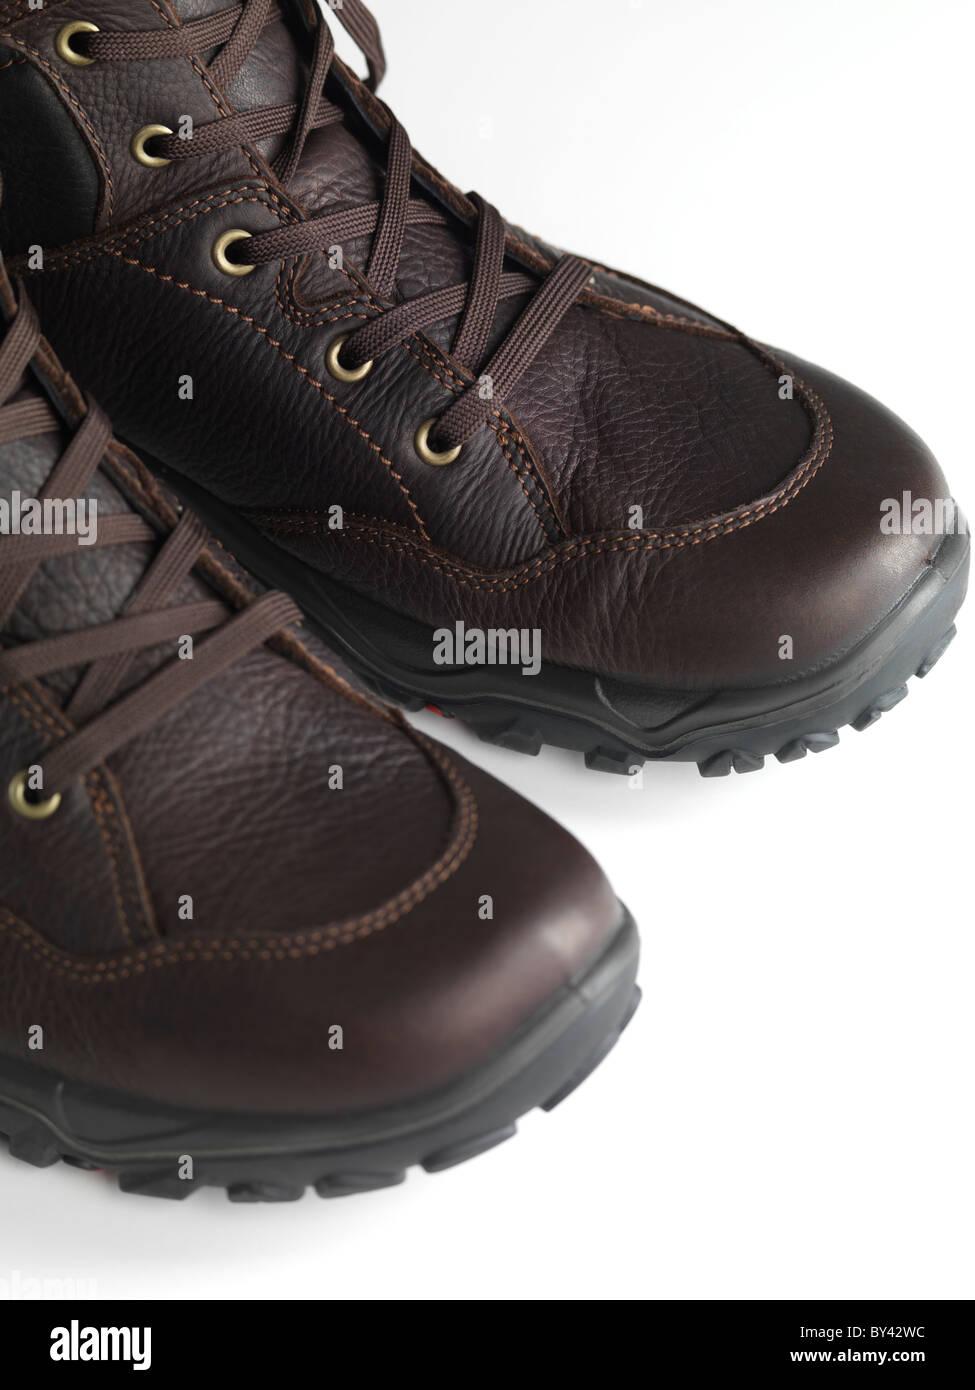 Botas de cuero de invierno Mens closeup Imagen De Stock